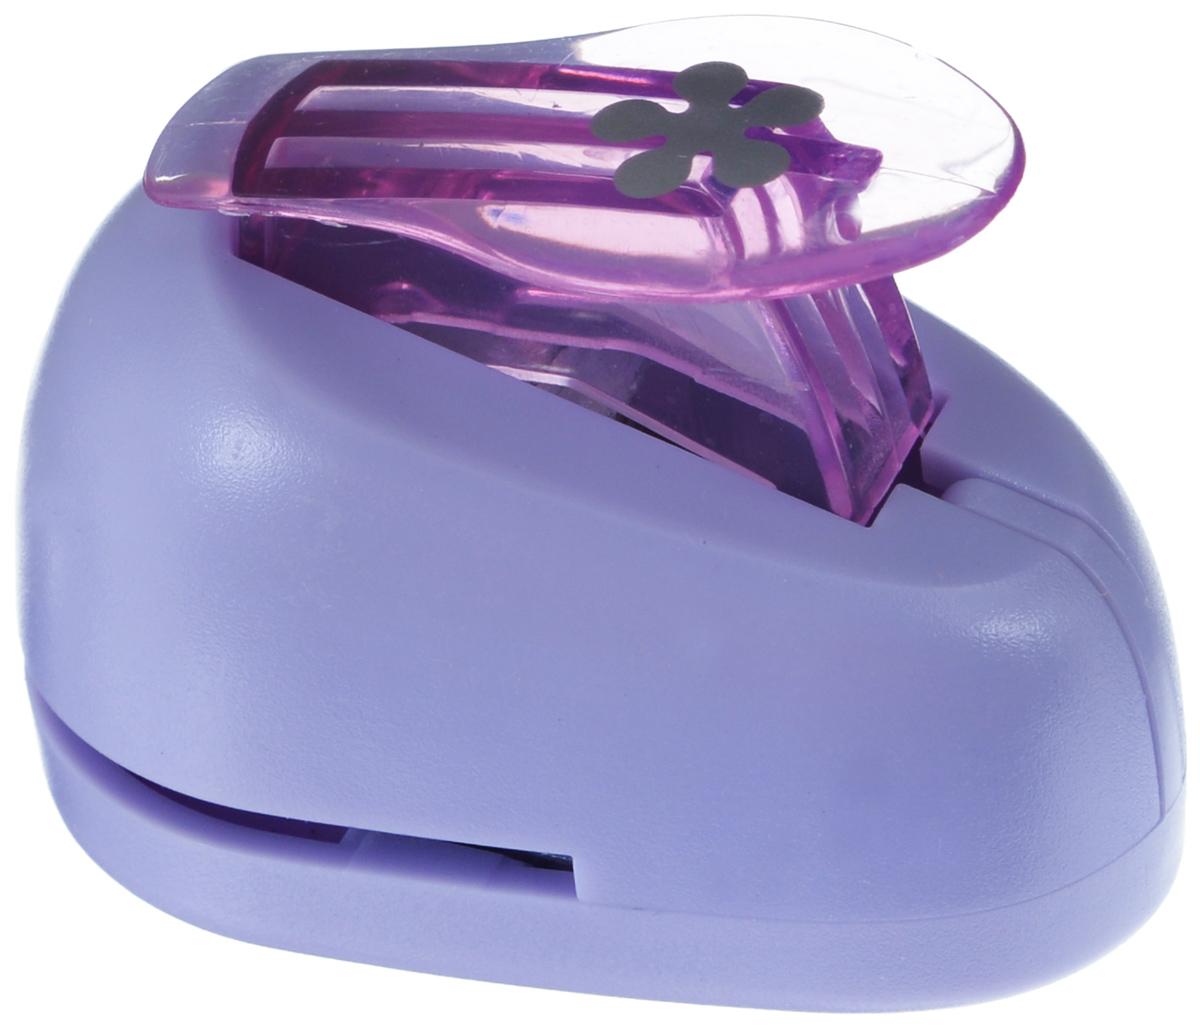 Дырокол фигурный Hobbyboom Цветок, цвет: сиреневый, №199, 1 смC13S041944Фигурный дырокол Hobbyboom Цветок, изготовленный из прочного металла и пластика, поможет вам легко, просто и аккуратно вырезать много одинаковых мелких фигурок.Режущие части дырокола закрыты пластиковым корпусом, что обеспечивает безопасность для детей. Предназначен для бумаги плотностью - 80 - 200 г/м2. Рисунок прорези указан на ручке дырокола.Размер дырокола: 5 см х 4 см х 3 см. Диаметр готовой фигурки: 1 см.